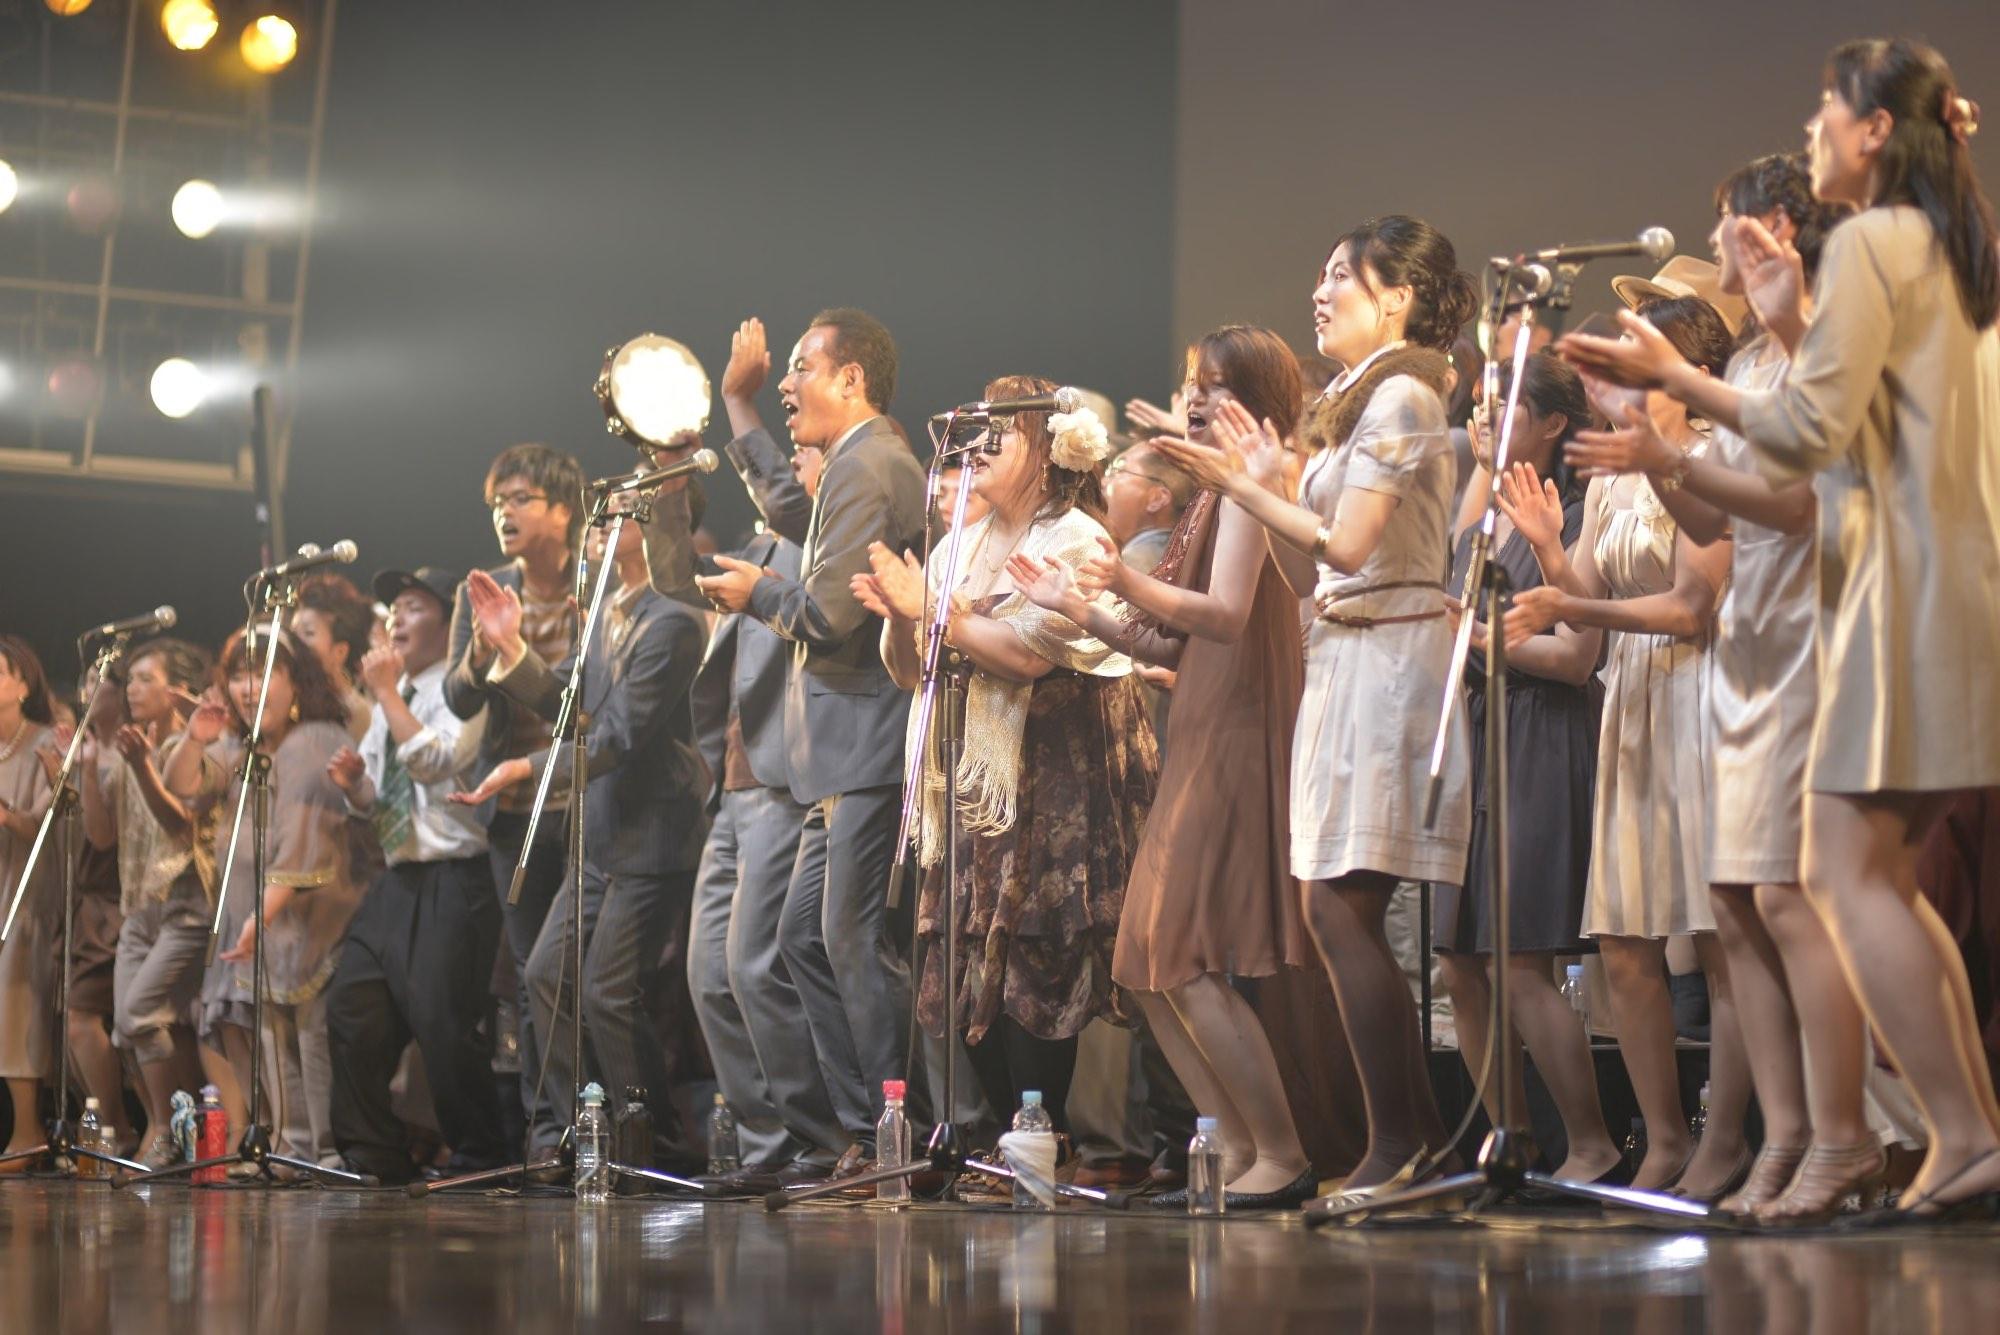 大阪、京都、三宮で活躍するゴスペル教室フェイスのゴスペルコンサートの様子